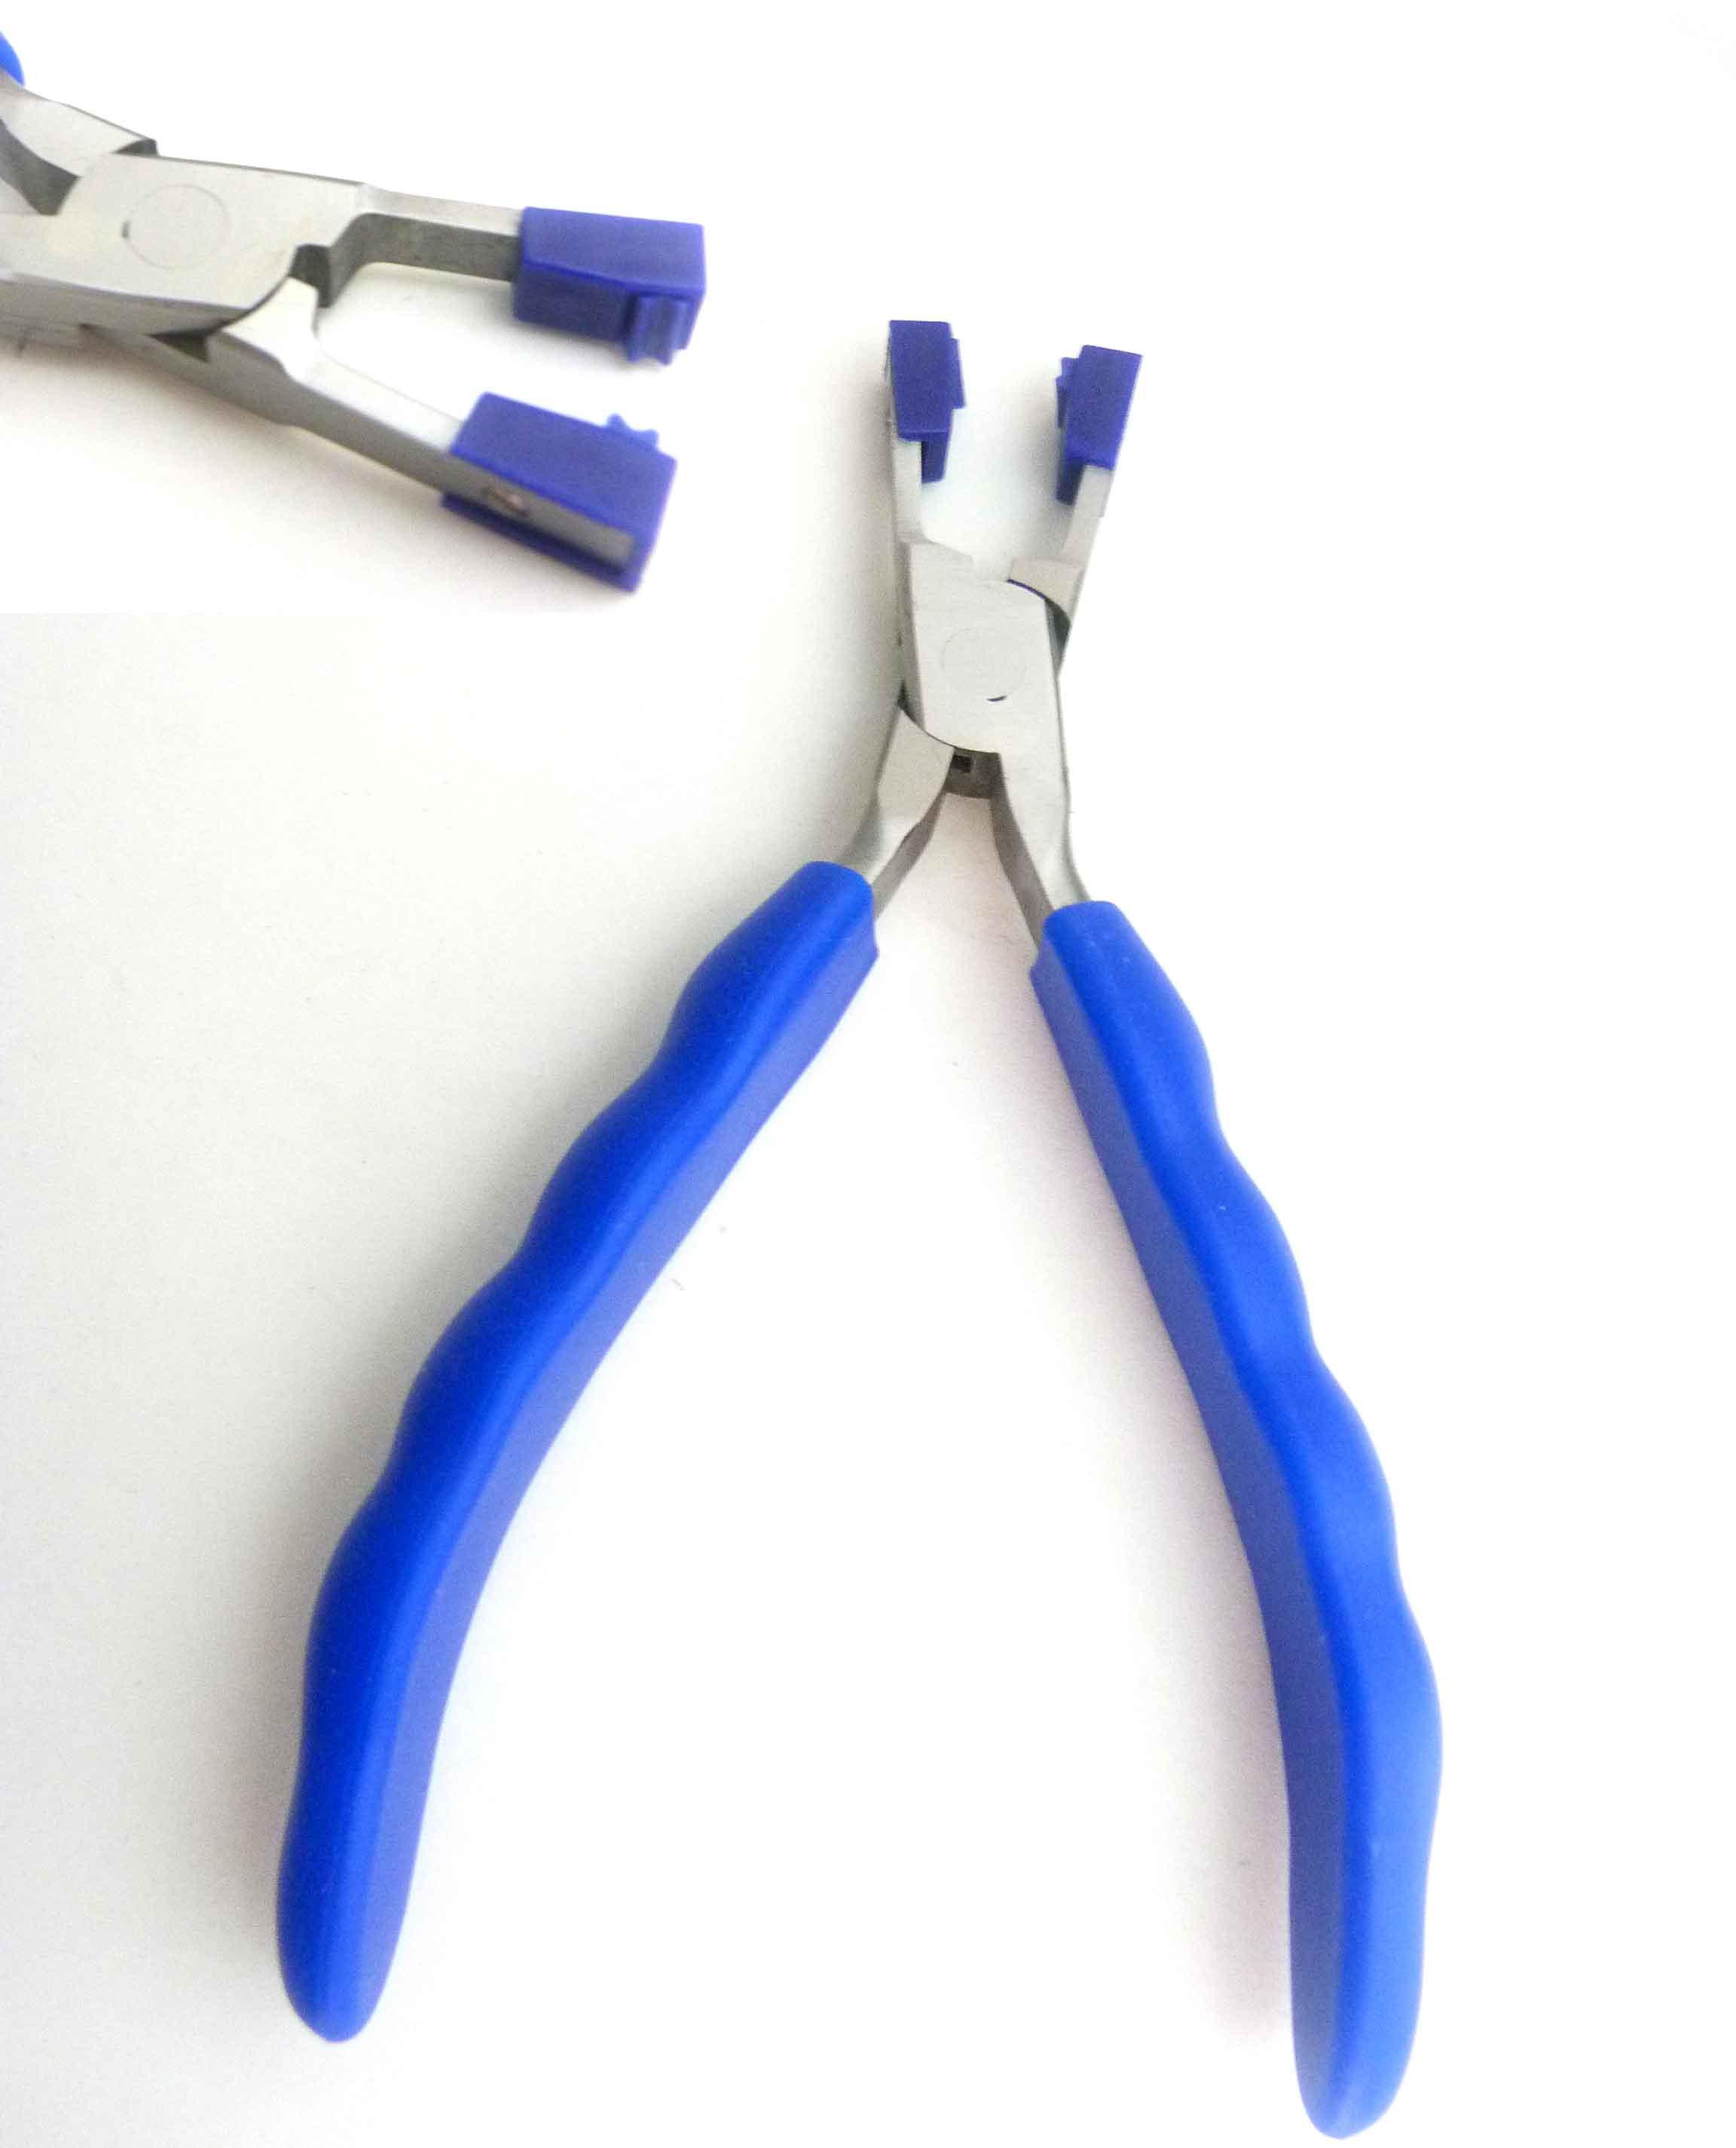 2603010.1 - Alicate Reposição Nylon Insere Pino Plástico BG Mod Vanin  -Contém 1 Par